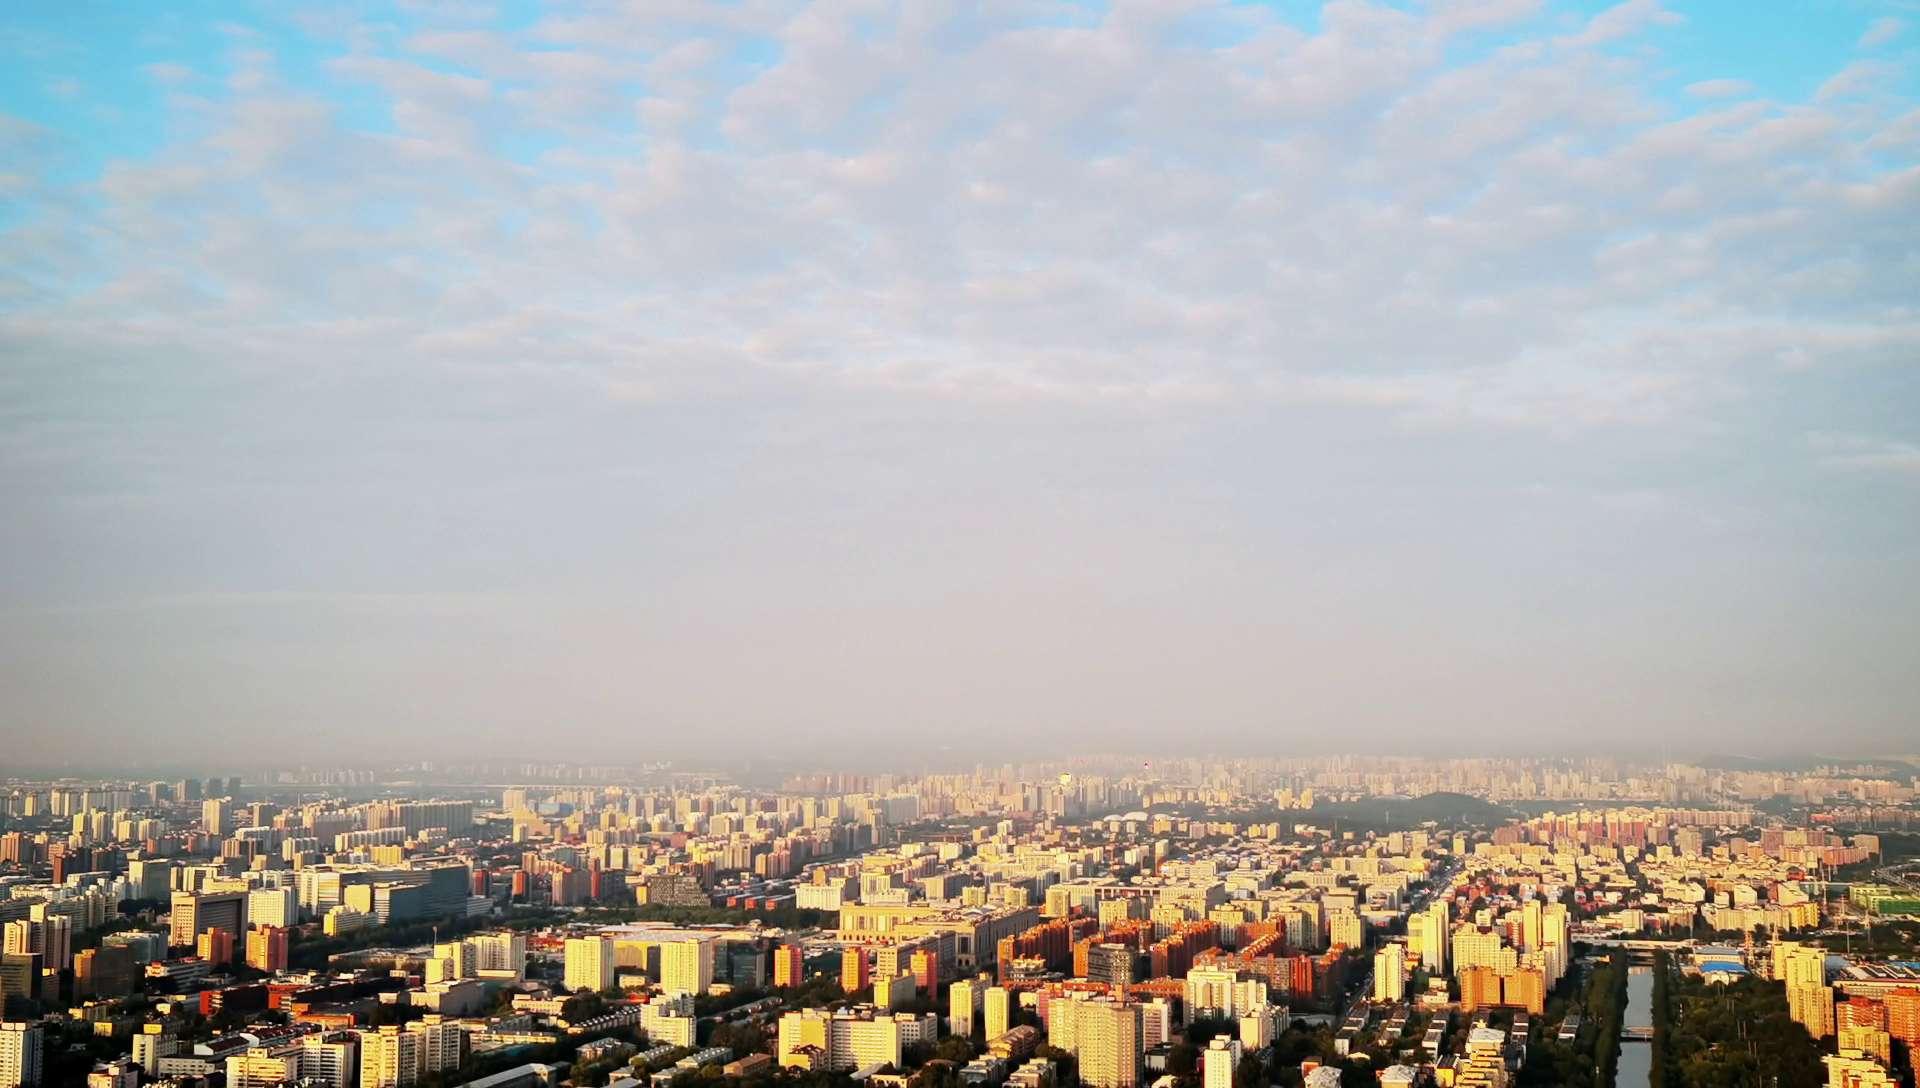 我爱你中国·塔上瞰北京|国庆前日P40pro延时看日月同辉,花粉随手拍-花粉俱乐部